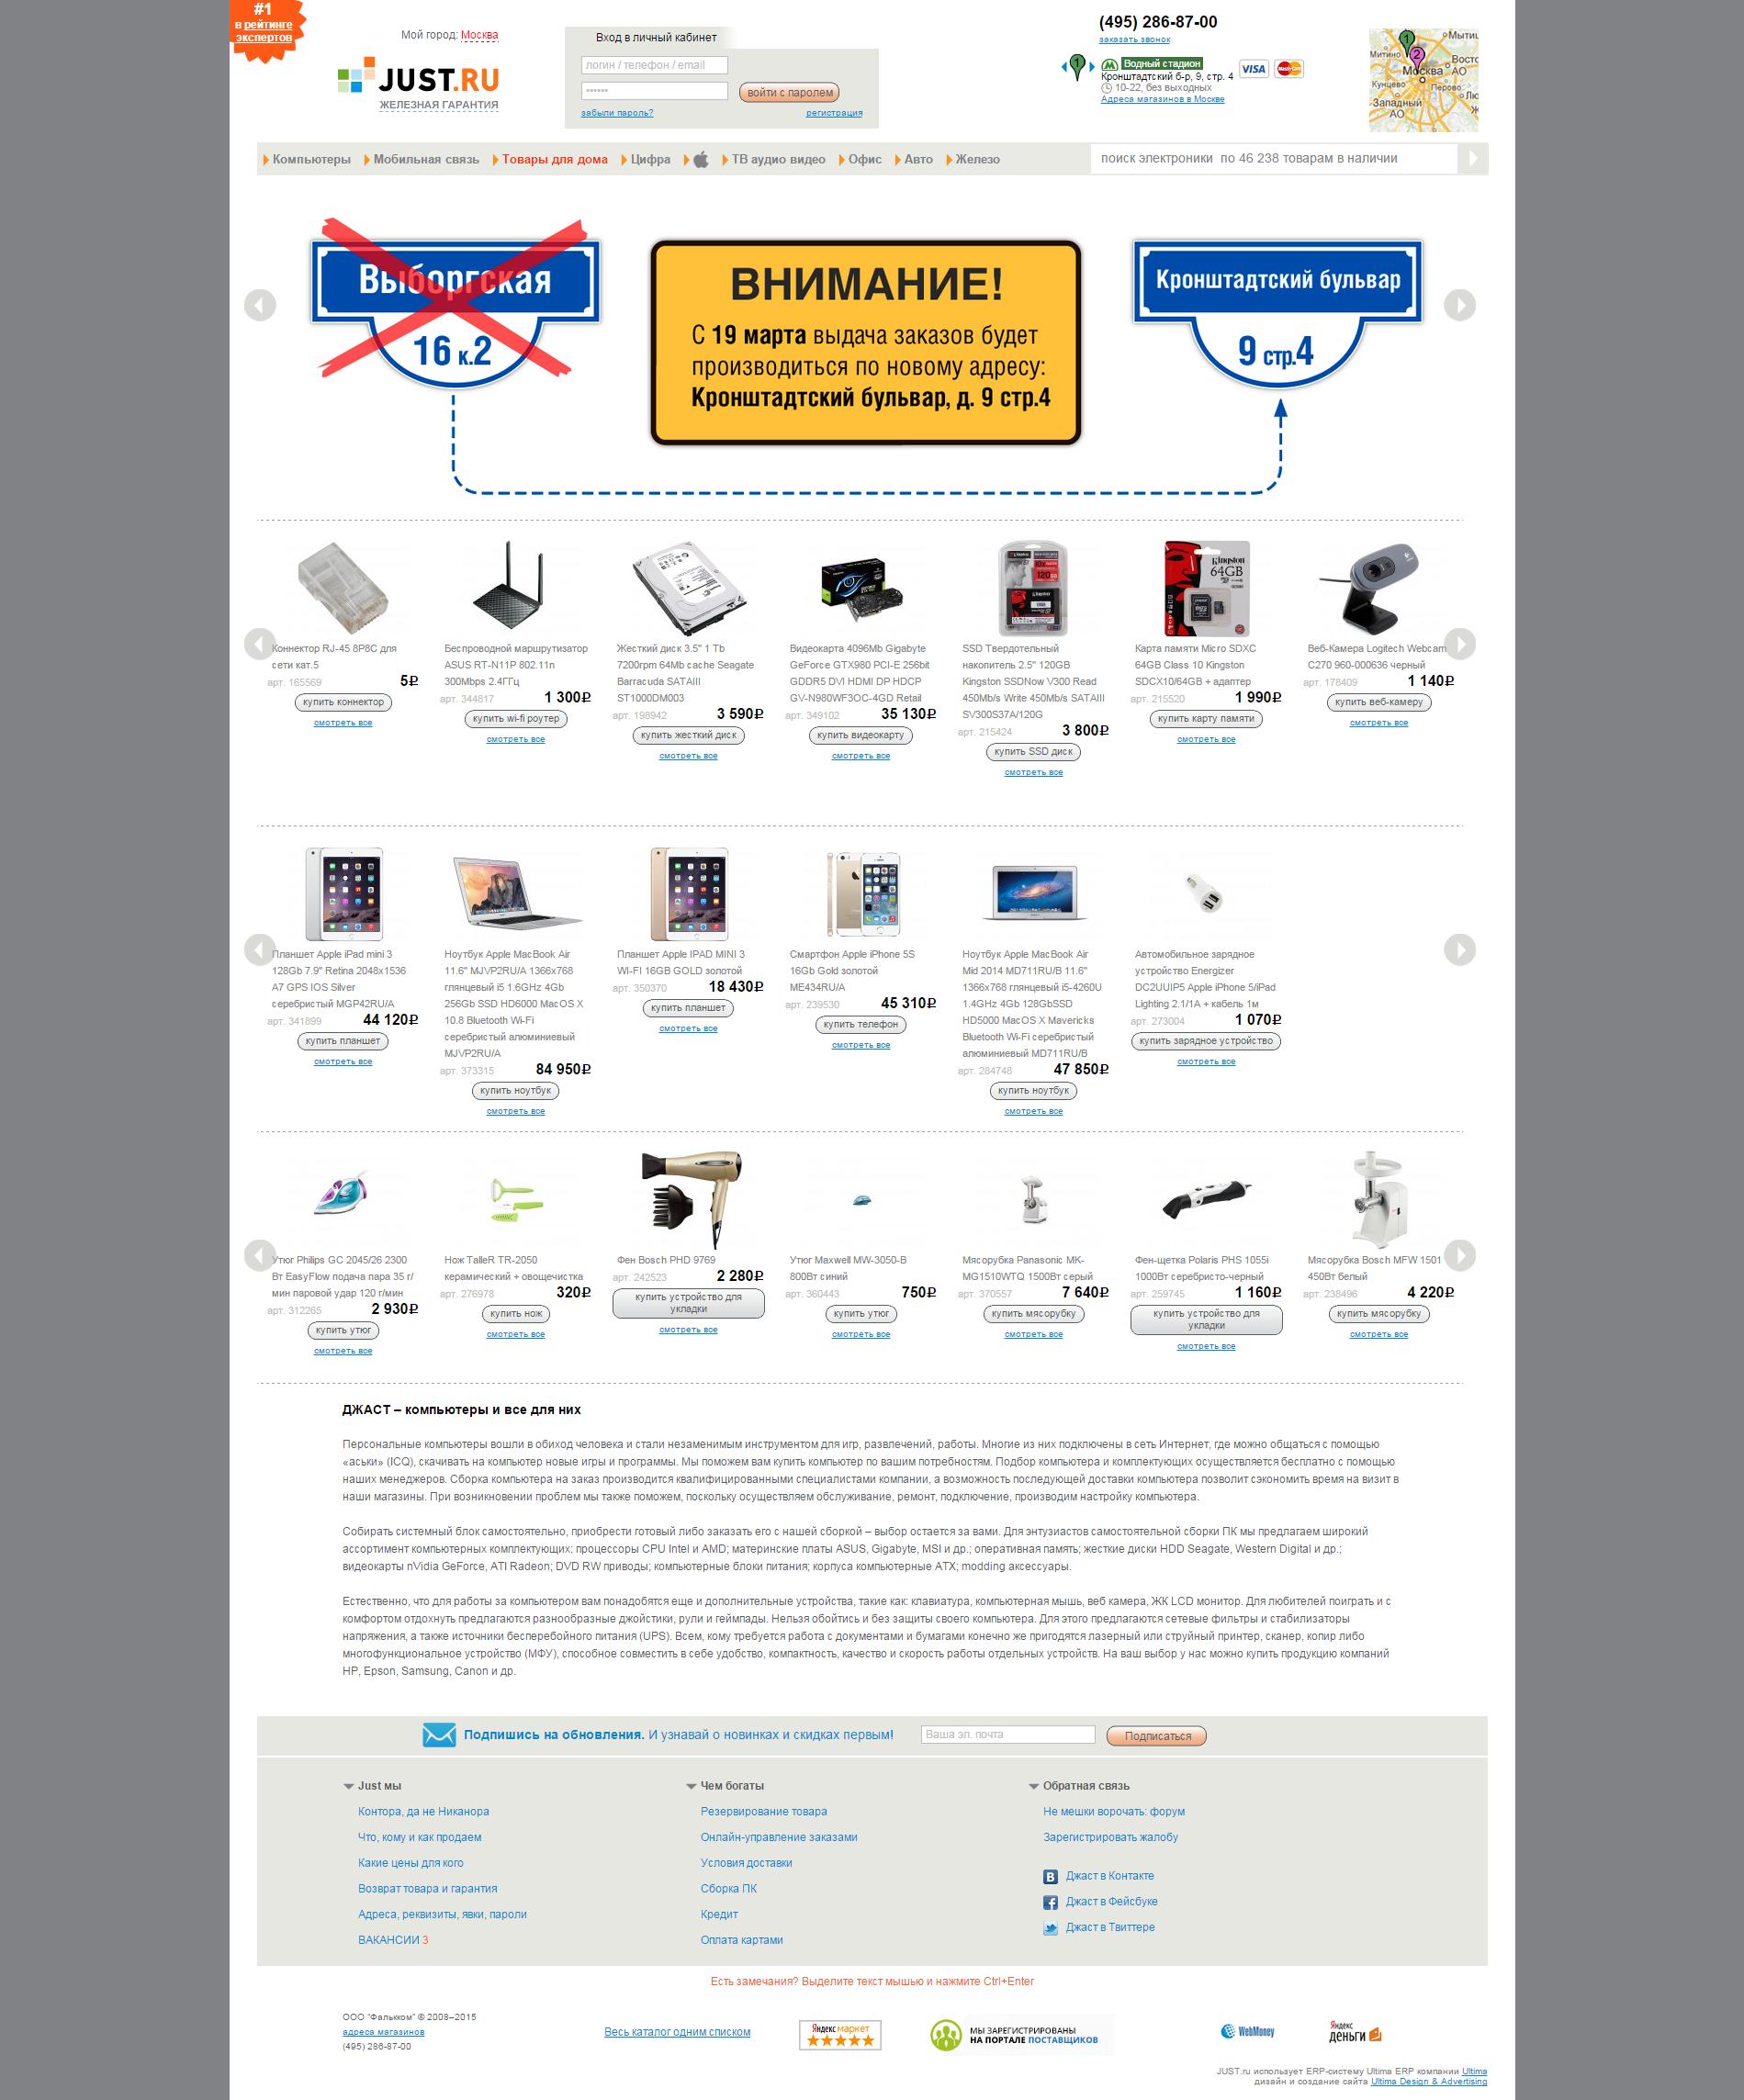 Продажа электроники, компьютеров и комплектующих